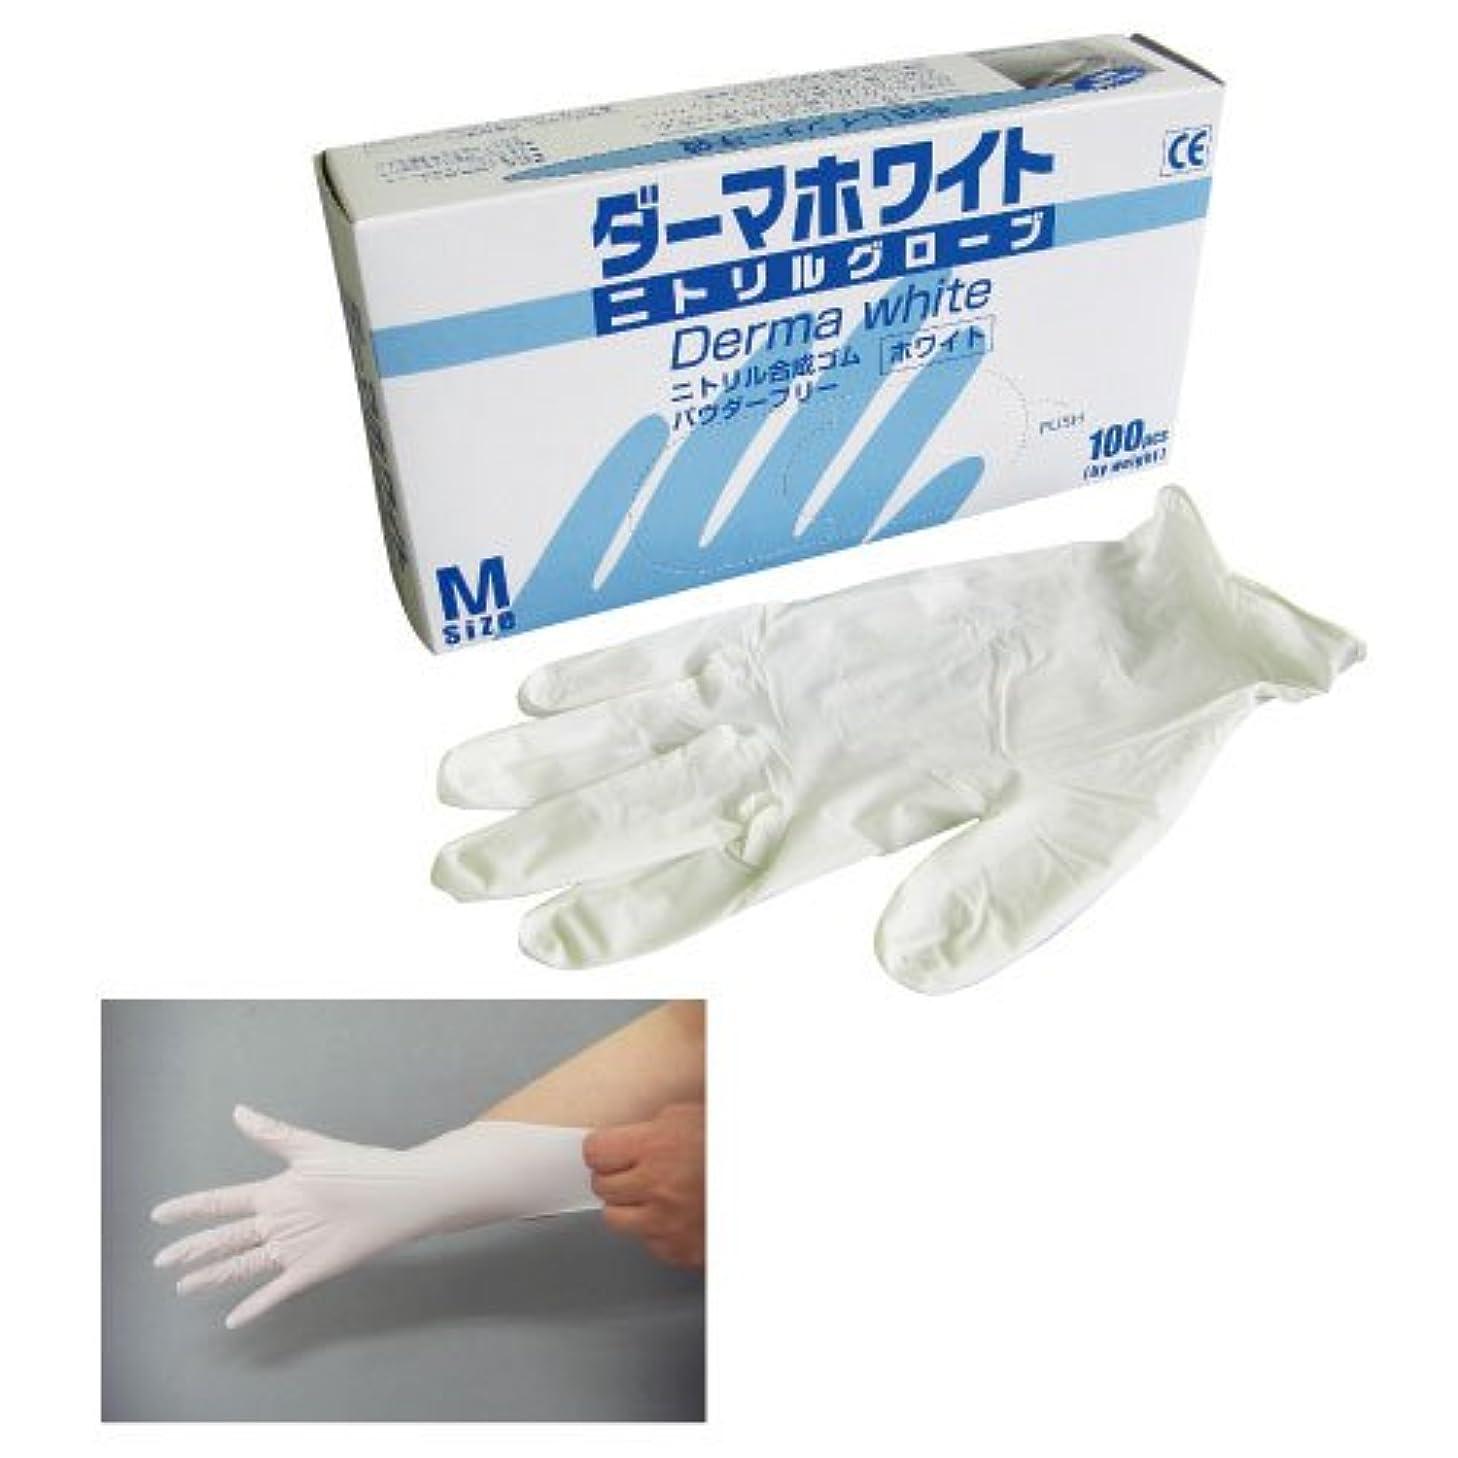 マイル重要性床ダーマホワイト ニトリル手袋PF ?????????????????PF(23-3770-00)GN01(SS)100??